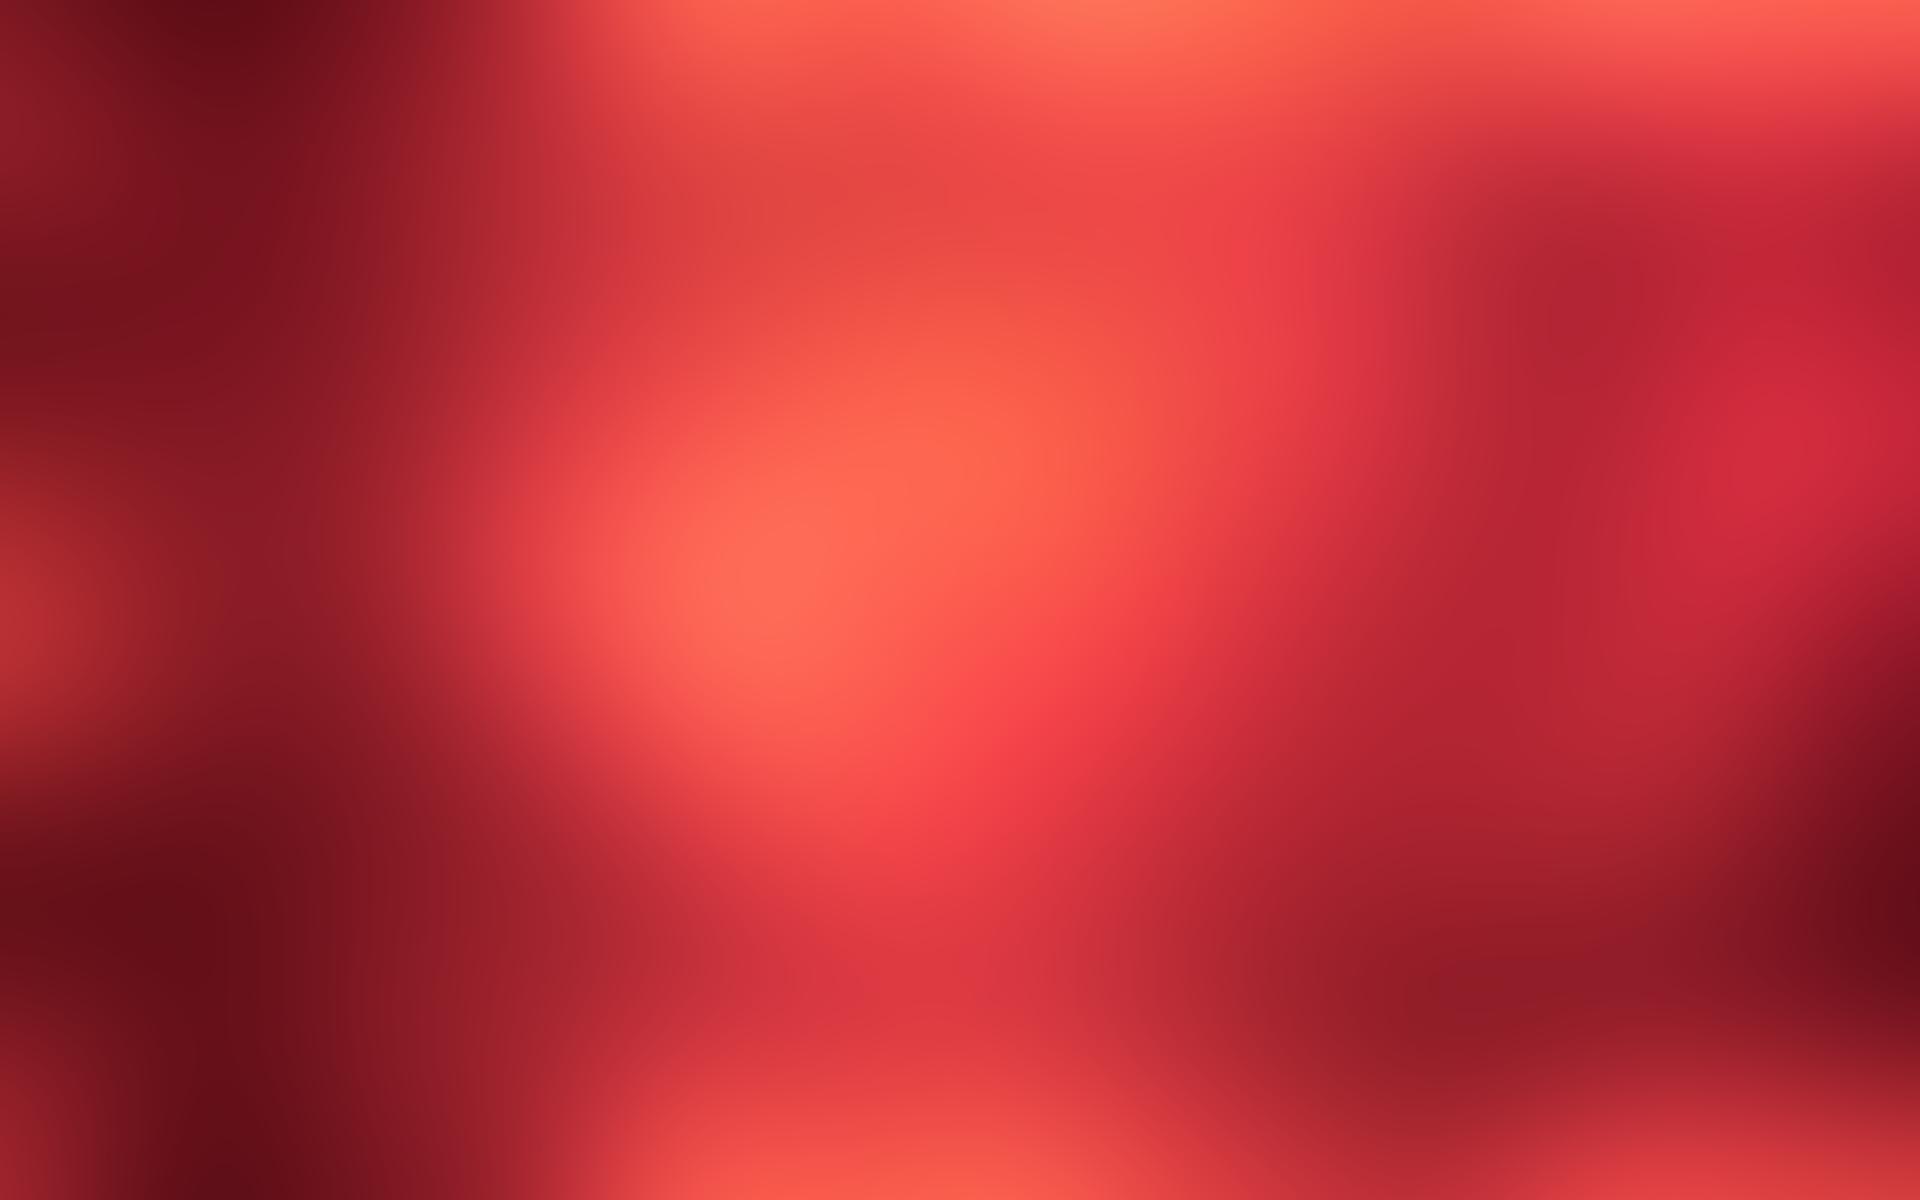 медленном картинка красивая нейтральная красная никто производителей